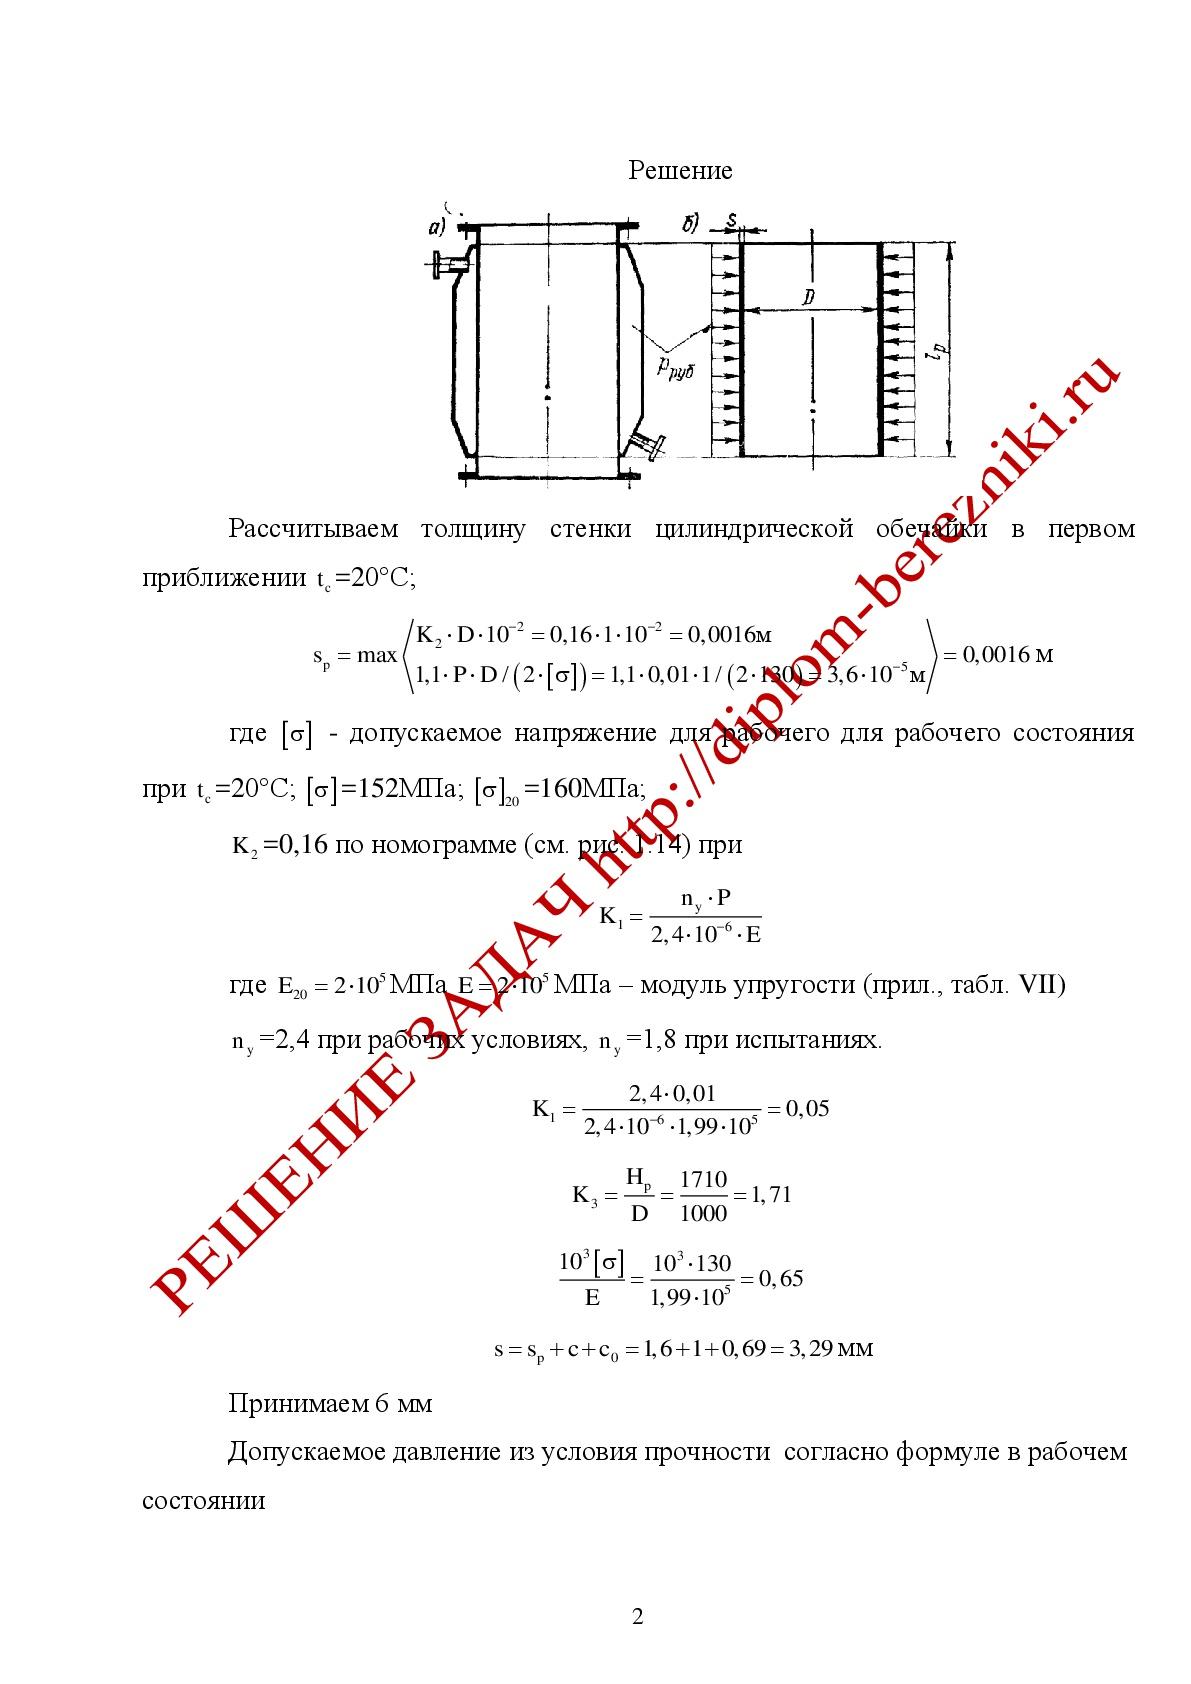 Решение задачи 1.3.9. вариант 2 КРЭО Конструирование и расчет элементов оборудования отрасли